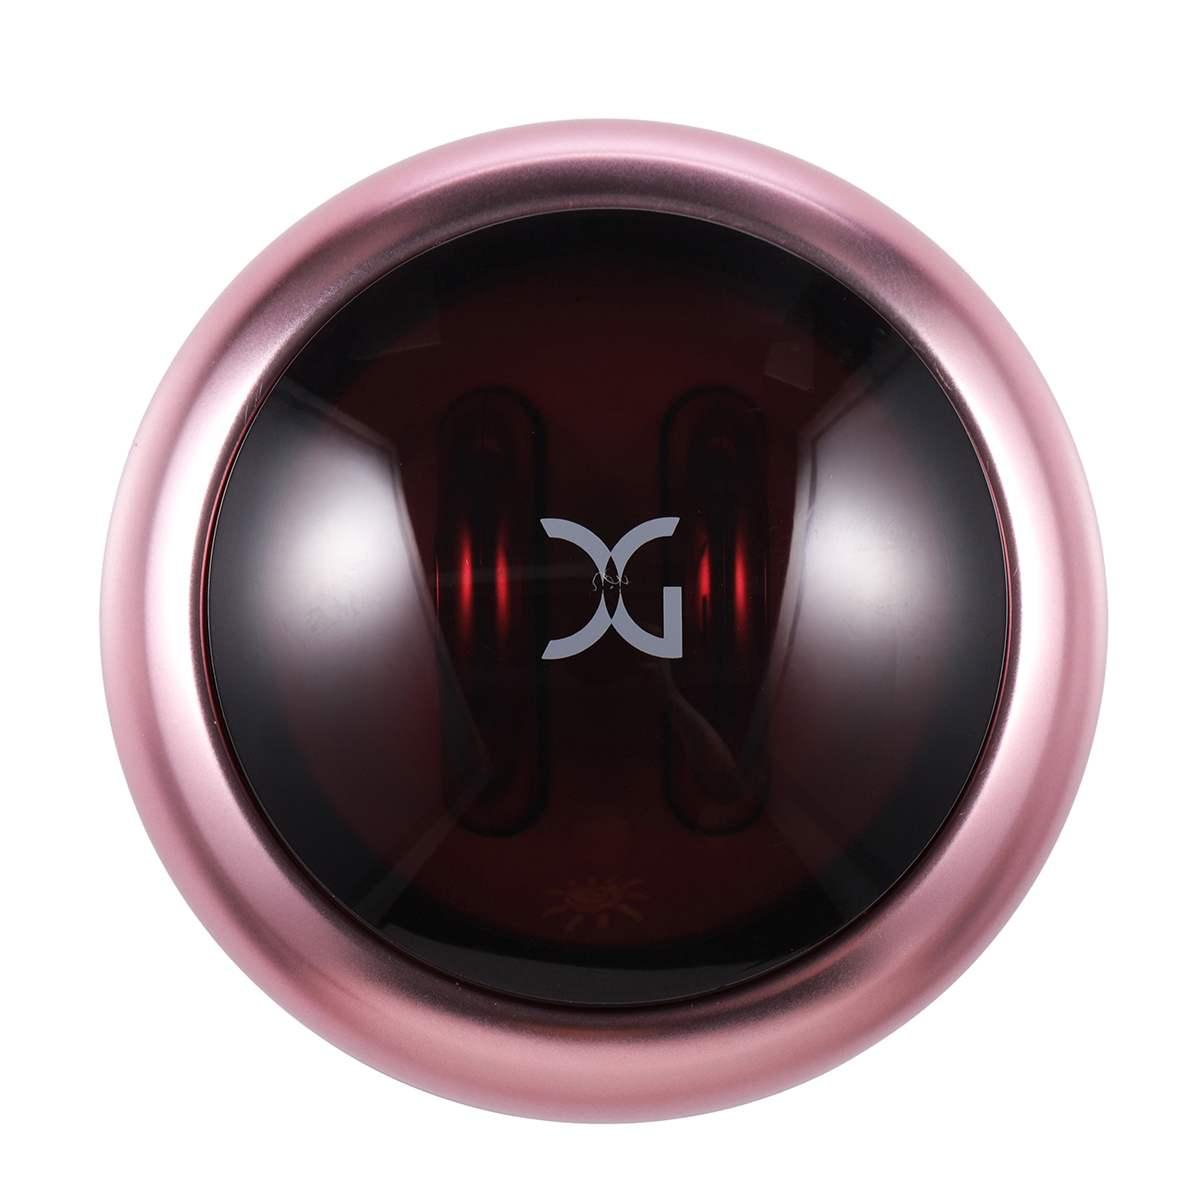 YOUPIN Xiaoguangxian Anti-rides yeux masseur électrique Instrument de beauté soins des yeux 633 nm Redlight thérapie lumière froide peau